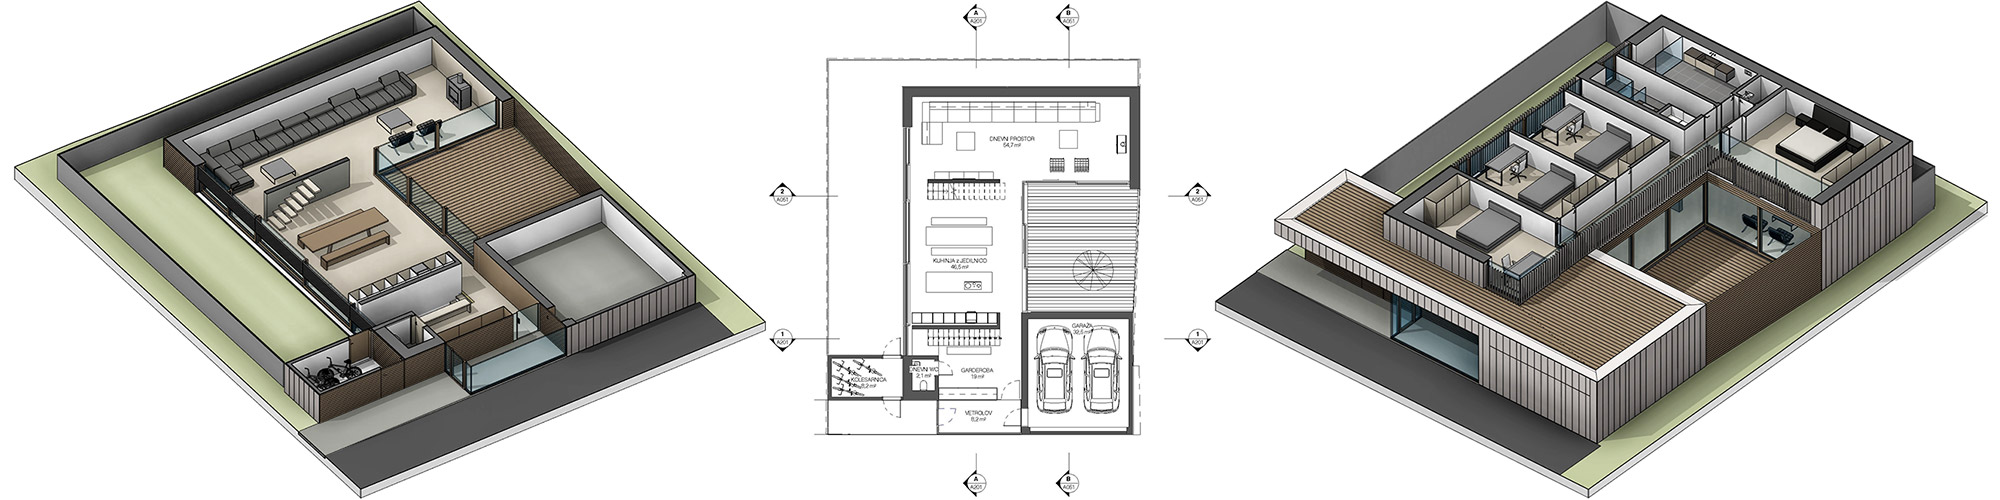 Napredno BIM projektiranje v KošorokGartner